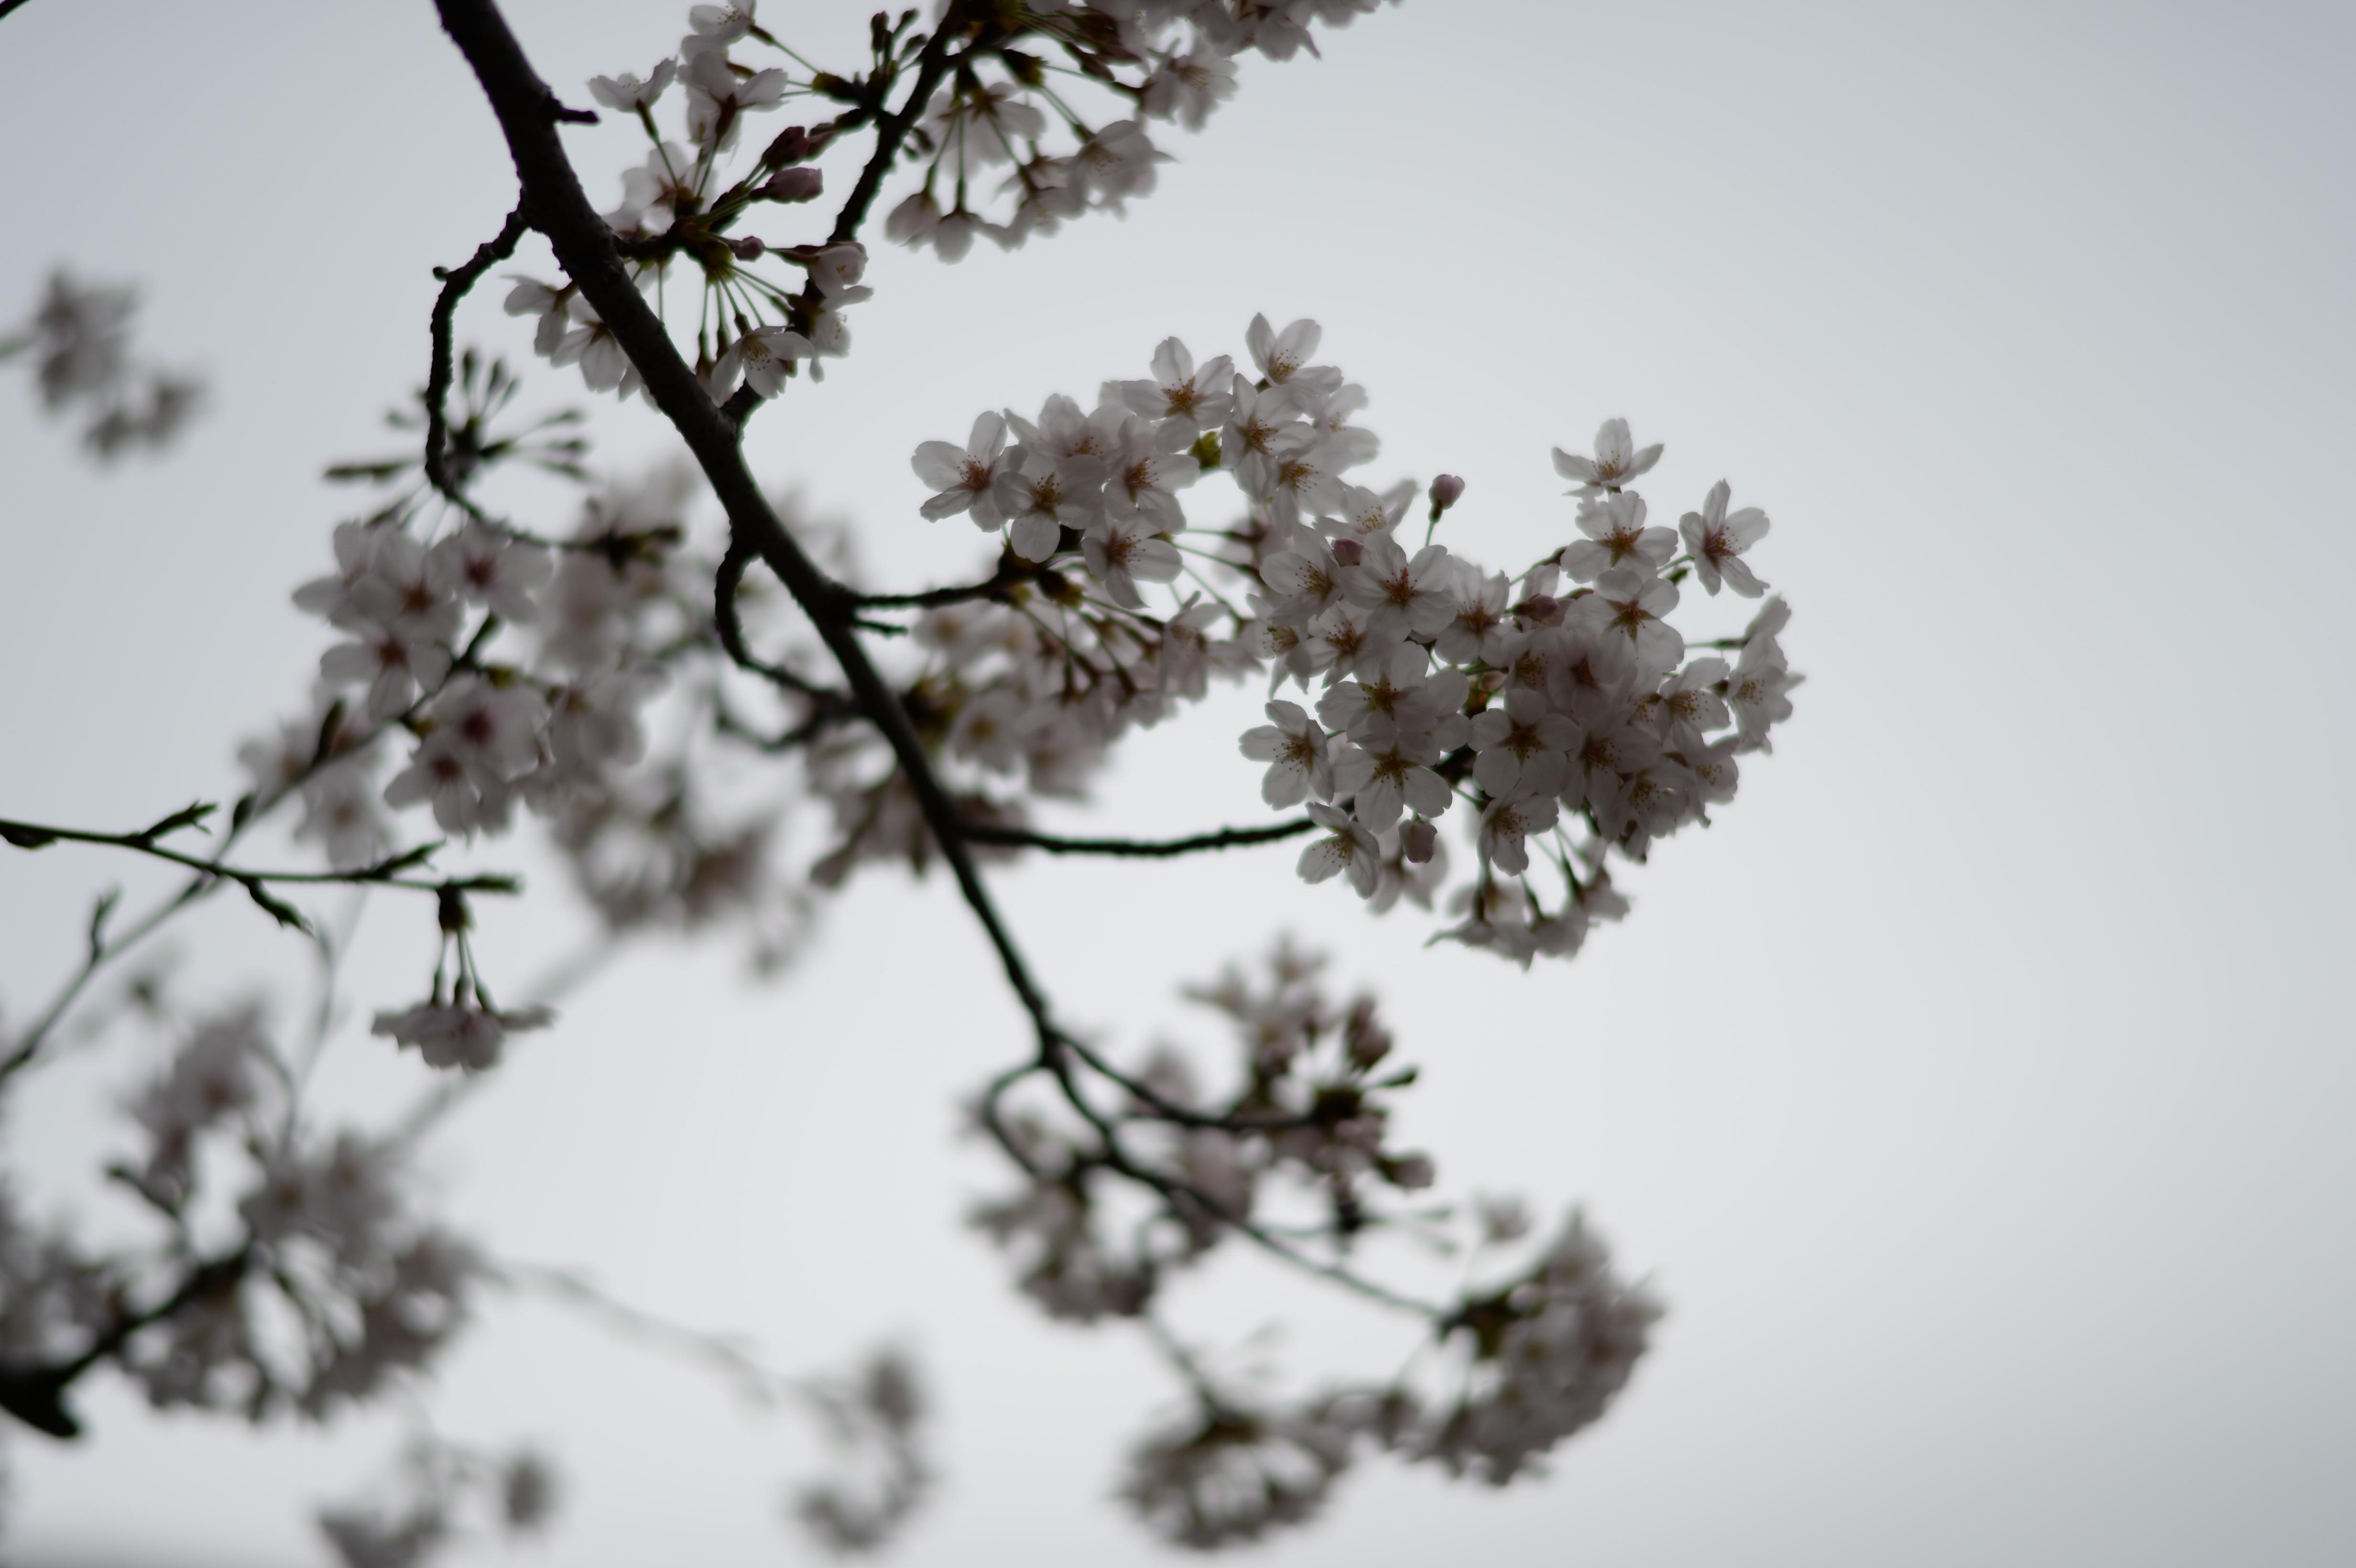 Fond D Cran Japon Monochrome Neige Hiver Branche Fleur De